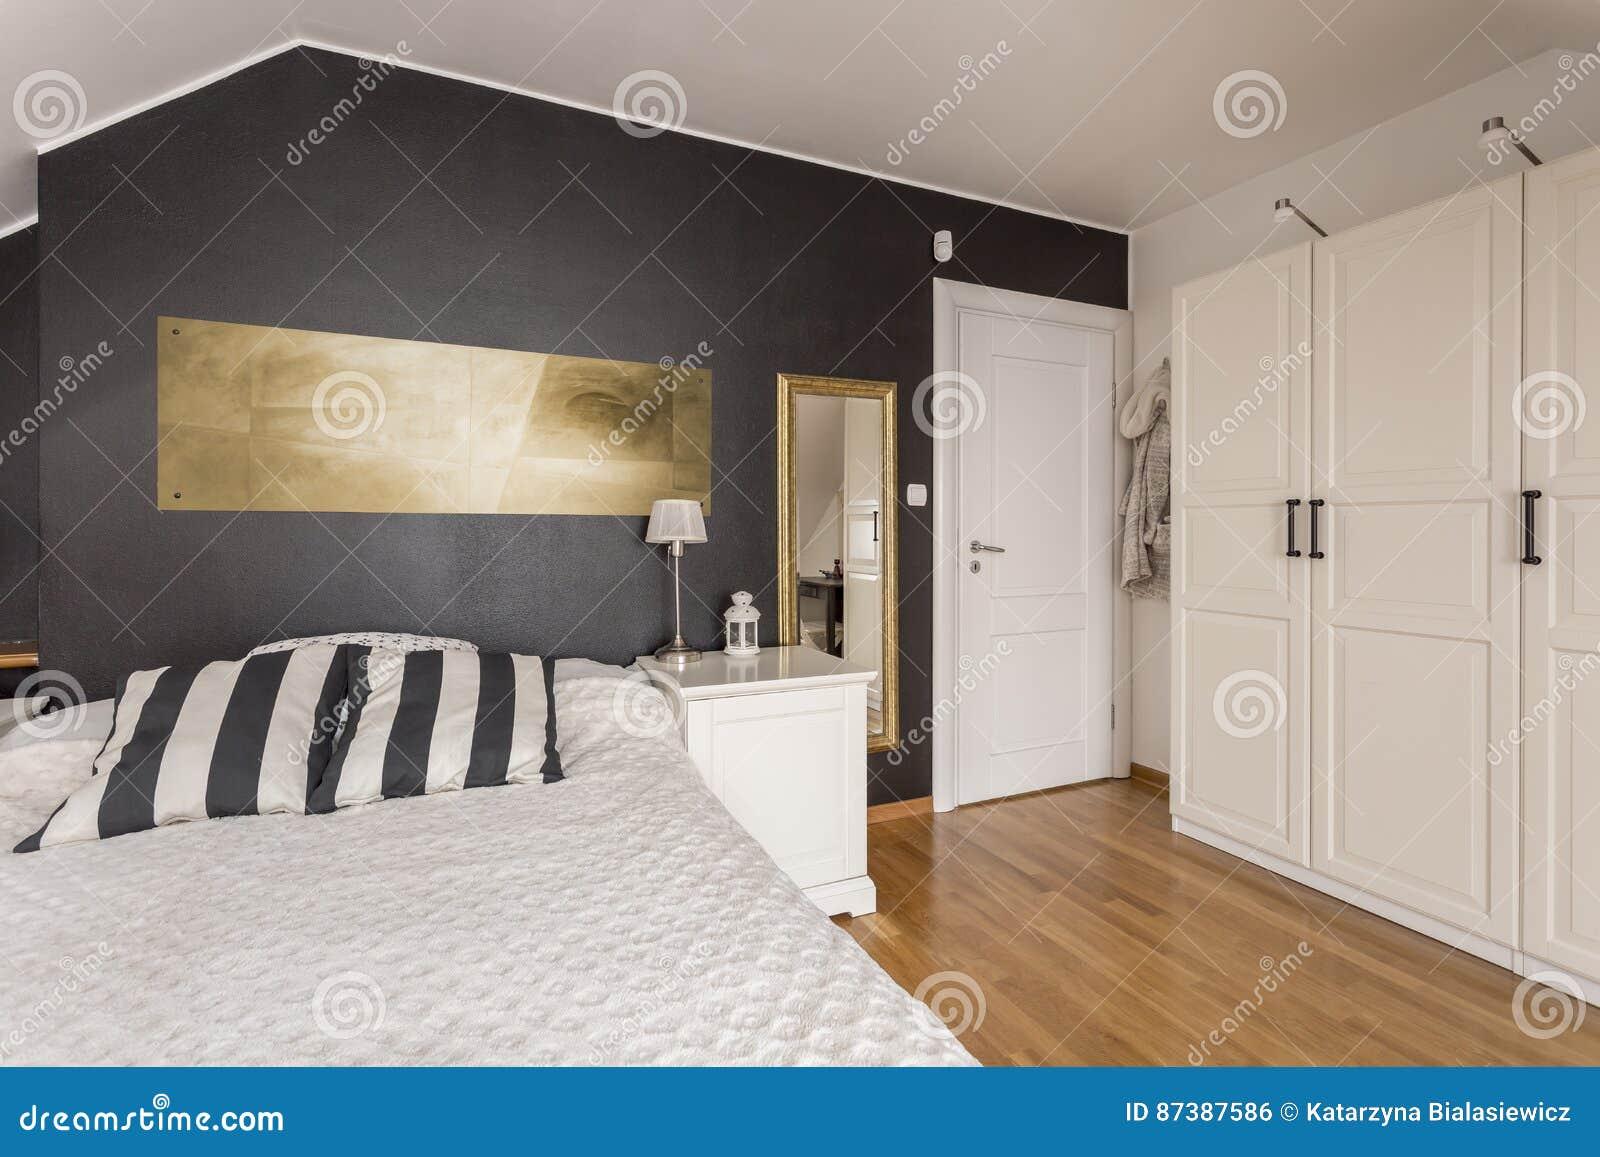 Camera Da Letto Bianca E Nera camera da letto in bianco e nero con gli accenti dell'oro